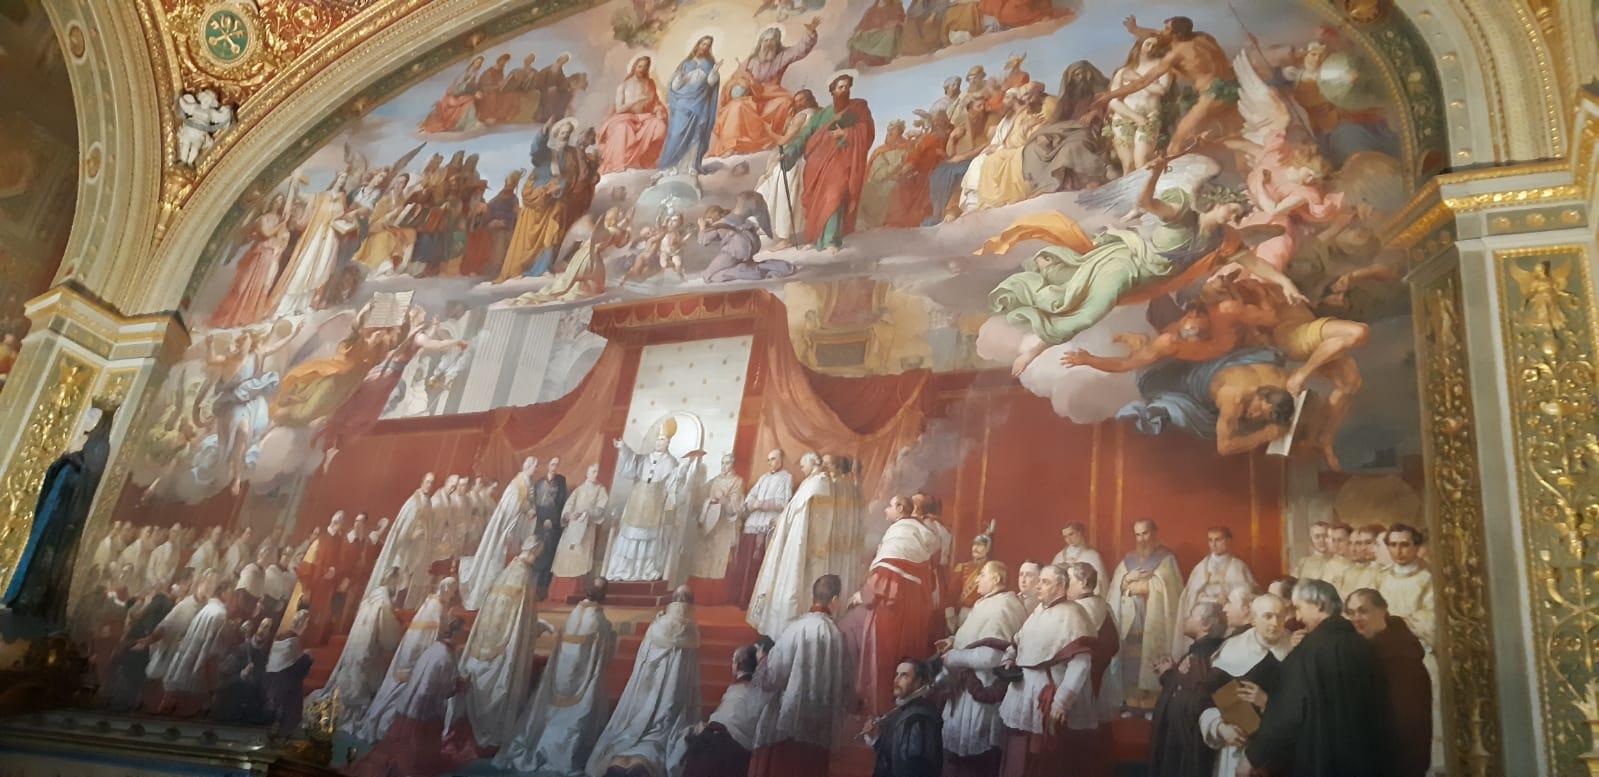 Visita alla Cappella Sistina e Musei Vaticani